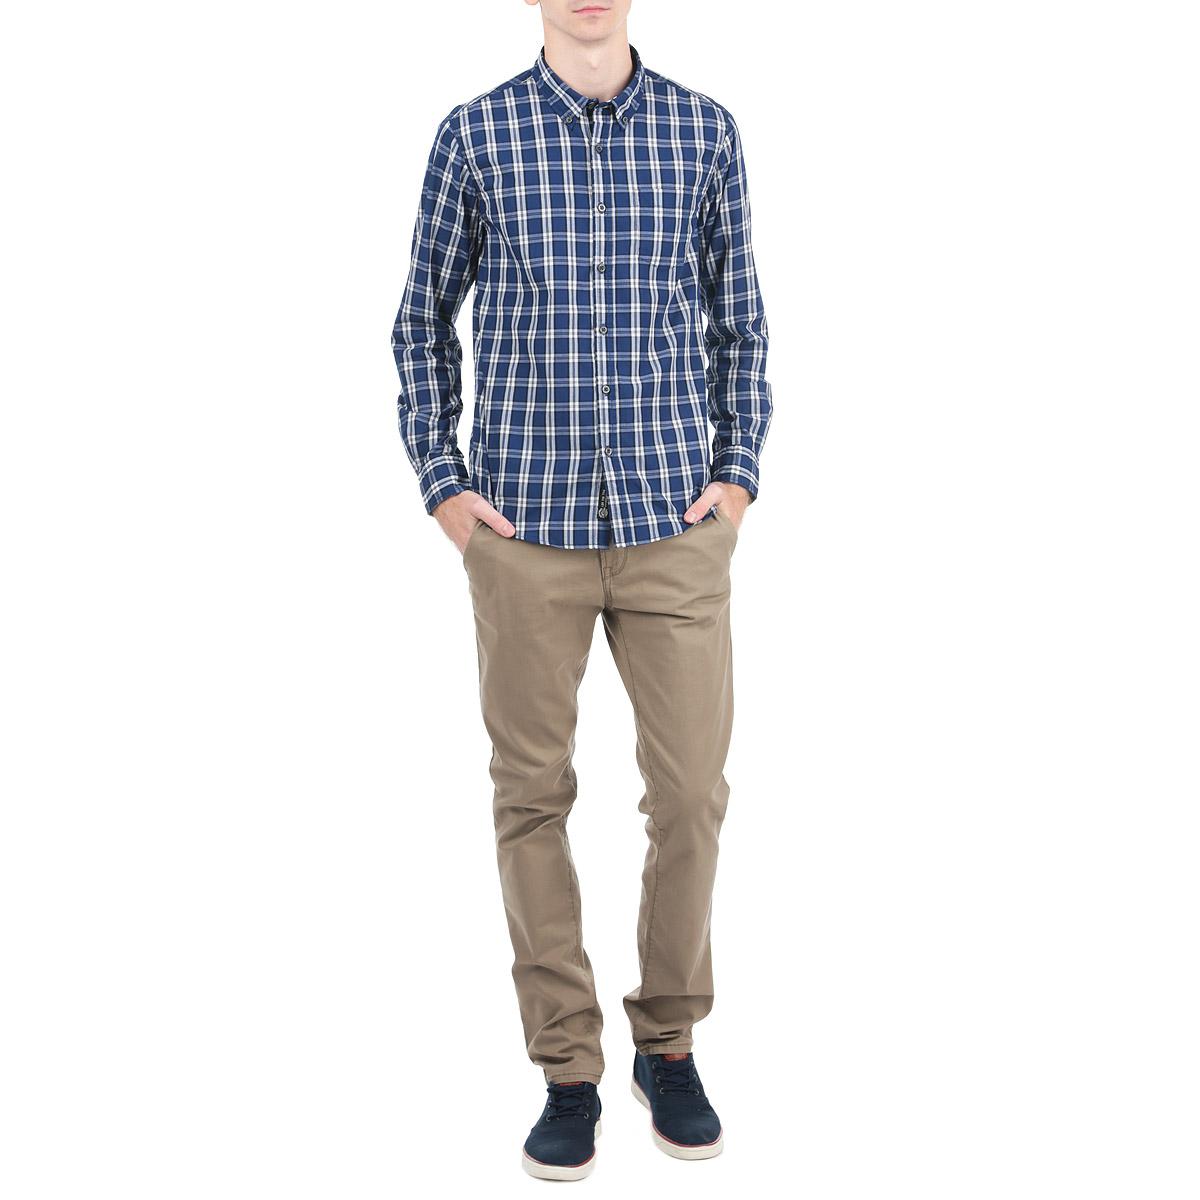 Рубашка10153049_557Стильная рубашка Broadway с длинными рукавами, отложным воротником и застежкой на пуговицы приятная на ощупь, не сковывает движения, обеспечивая наибольший комфорт. Рубашка оформлена ярким клетчатым принтом и накладными карманами. Рубашка, выполненная из хлопка и полиэстера, обладает высокой воздухопроницаемостью и гигроскопичностью, позволяет коже дышать, тем самым обеспечивая наибольший комфорт при носке даже самым жарким летом. Эта модная и удобная рубашка послужит замечательным дополнением к вашему гардеробу.